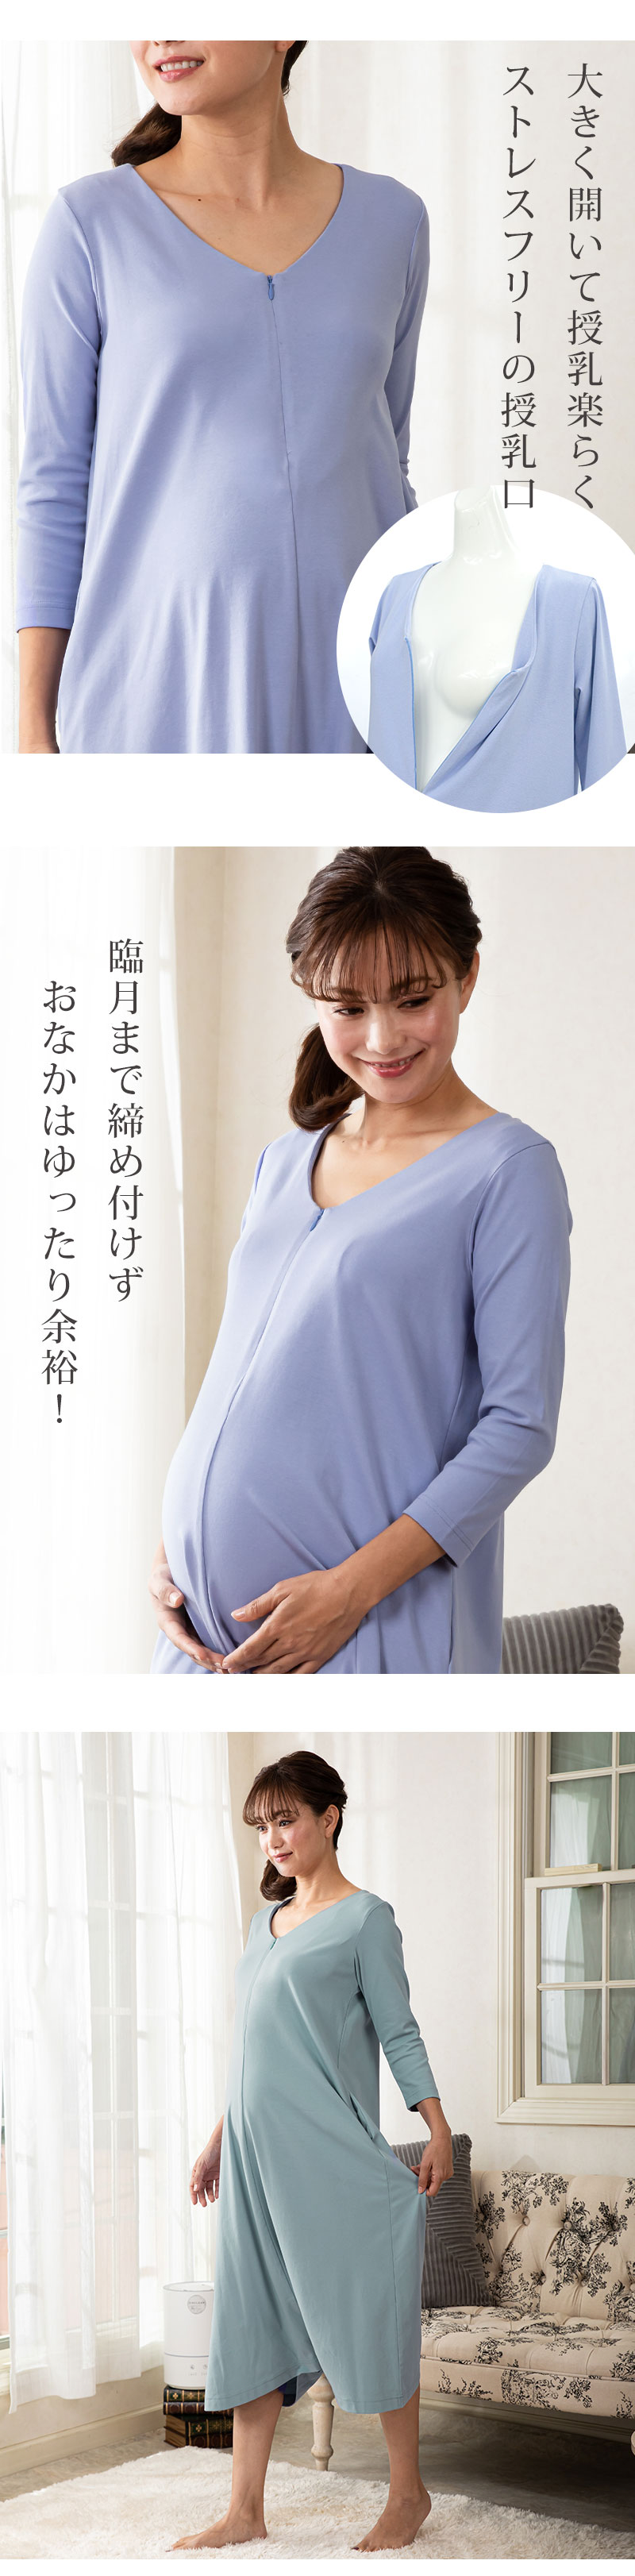 産前産後 半袖 秋 冬 春 夏 妊婦 裾ボタン 捲れ防止